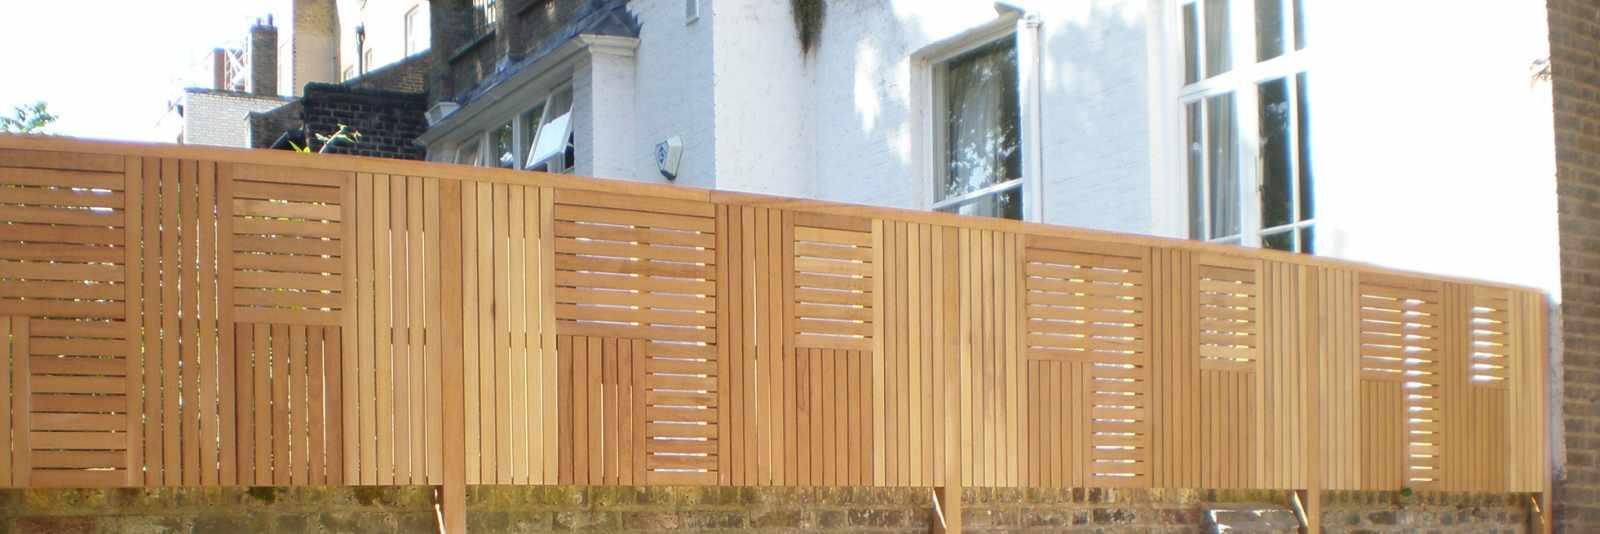 Cedar Fence Panels   Natural Slatted Fence Panels   Essex UK